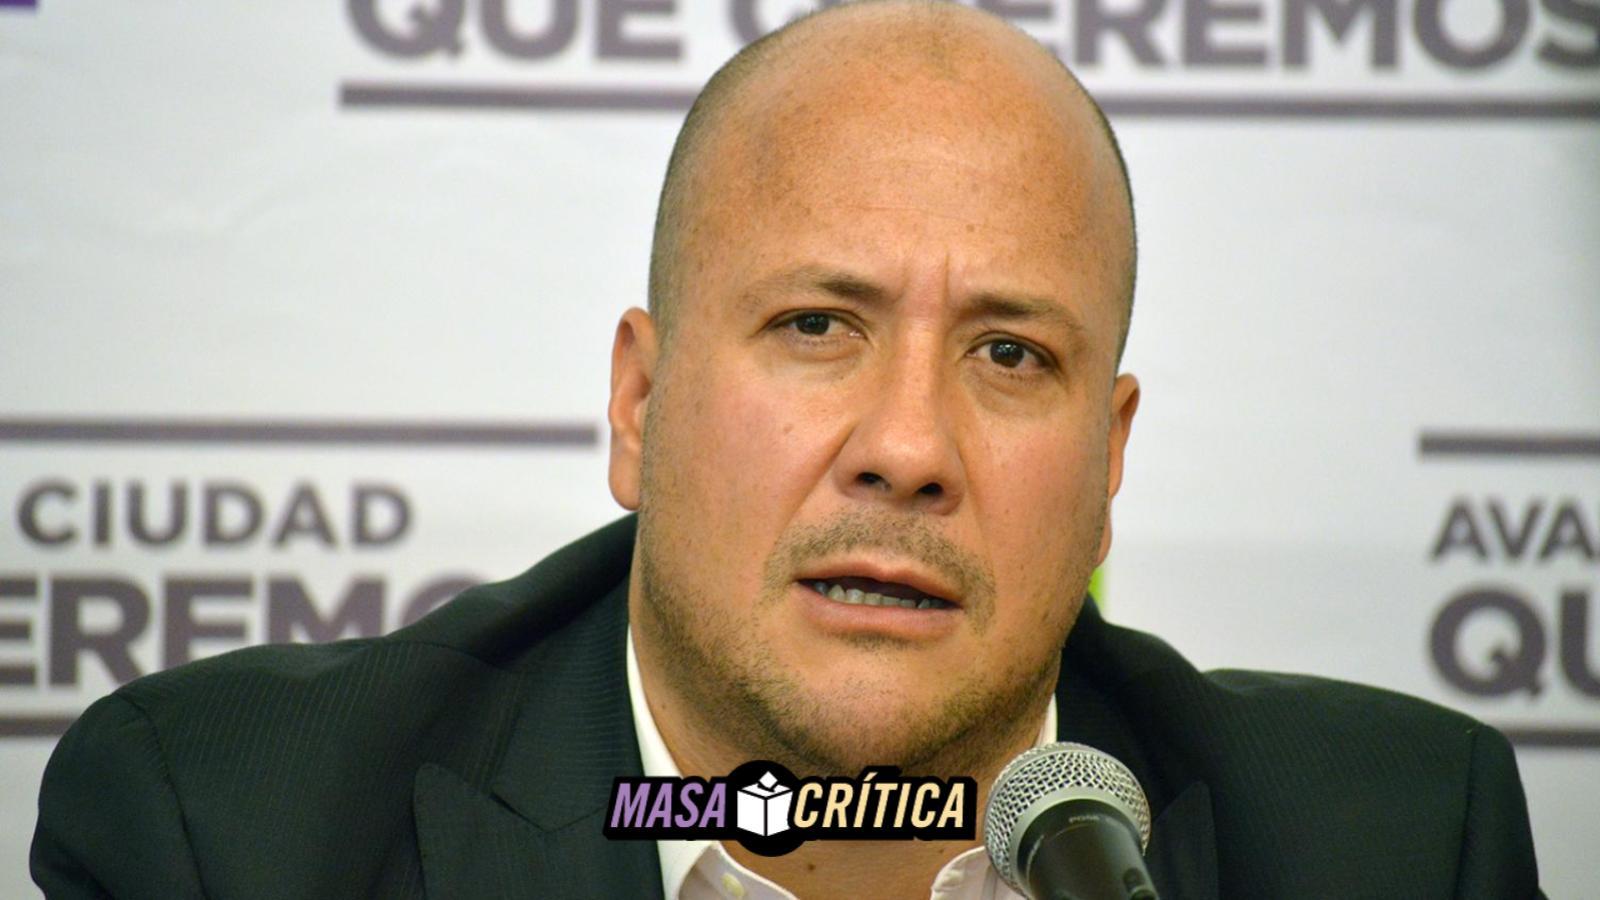 Enrique Alfaro, candidato por MC para gubernatura de Jalisco, denuncia acoso policiaco